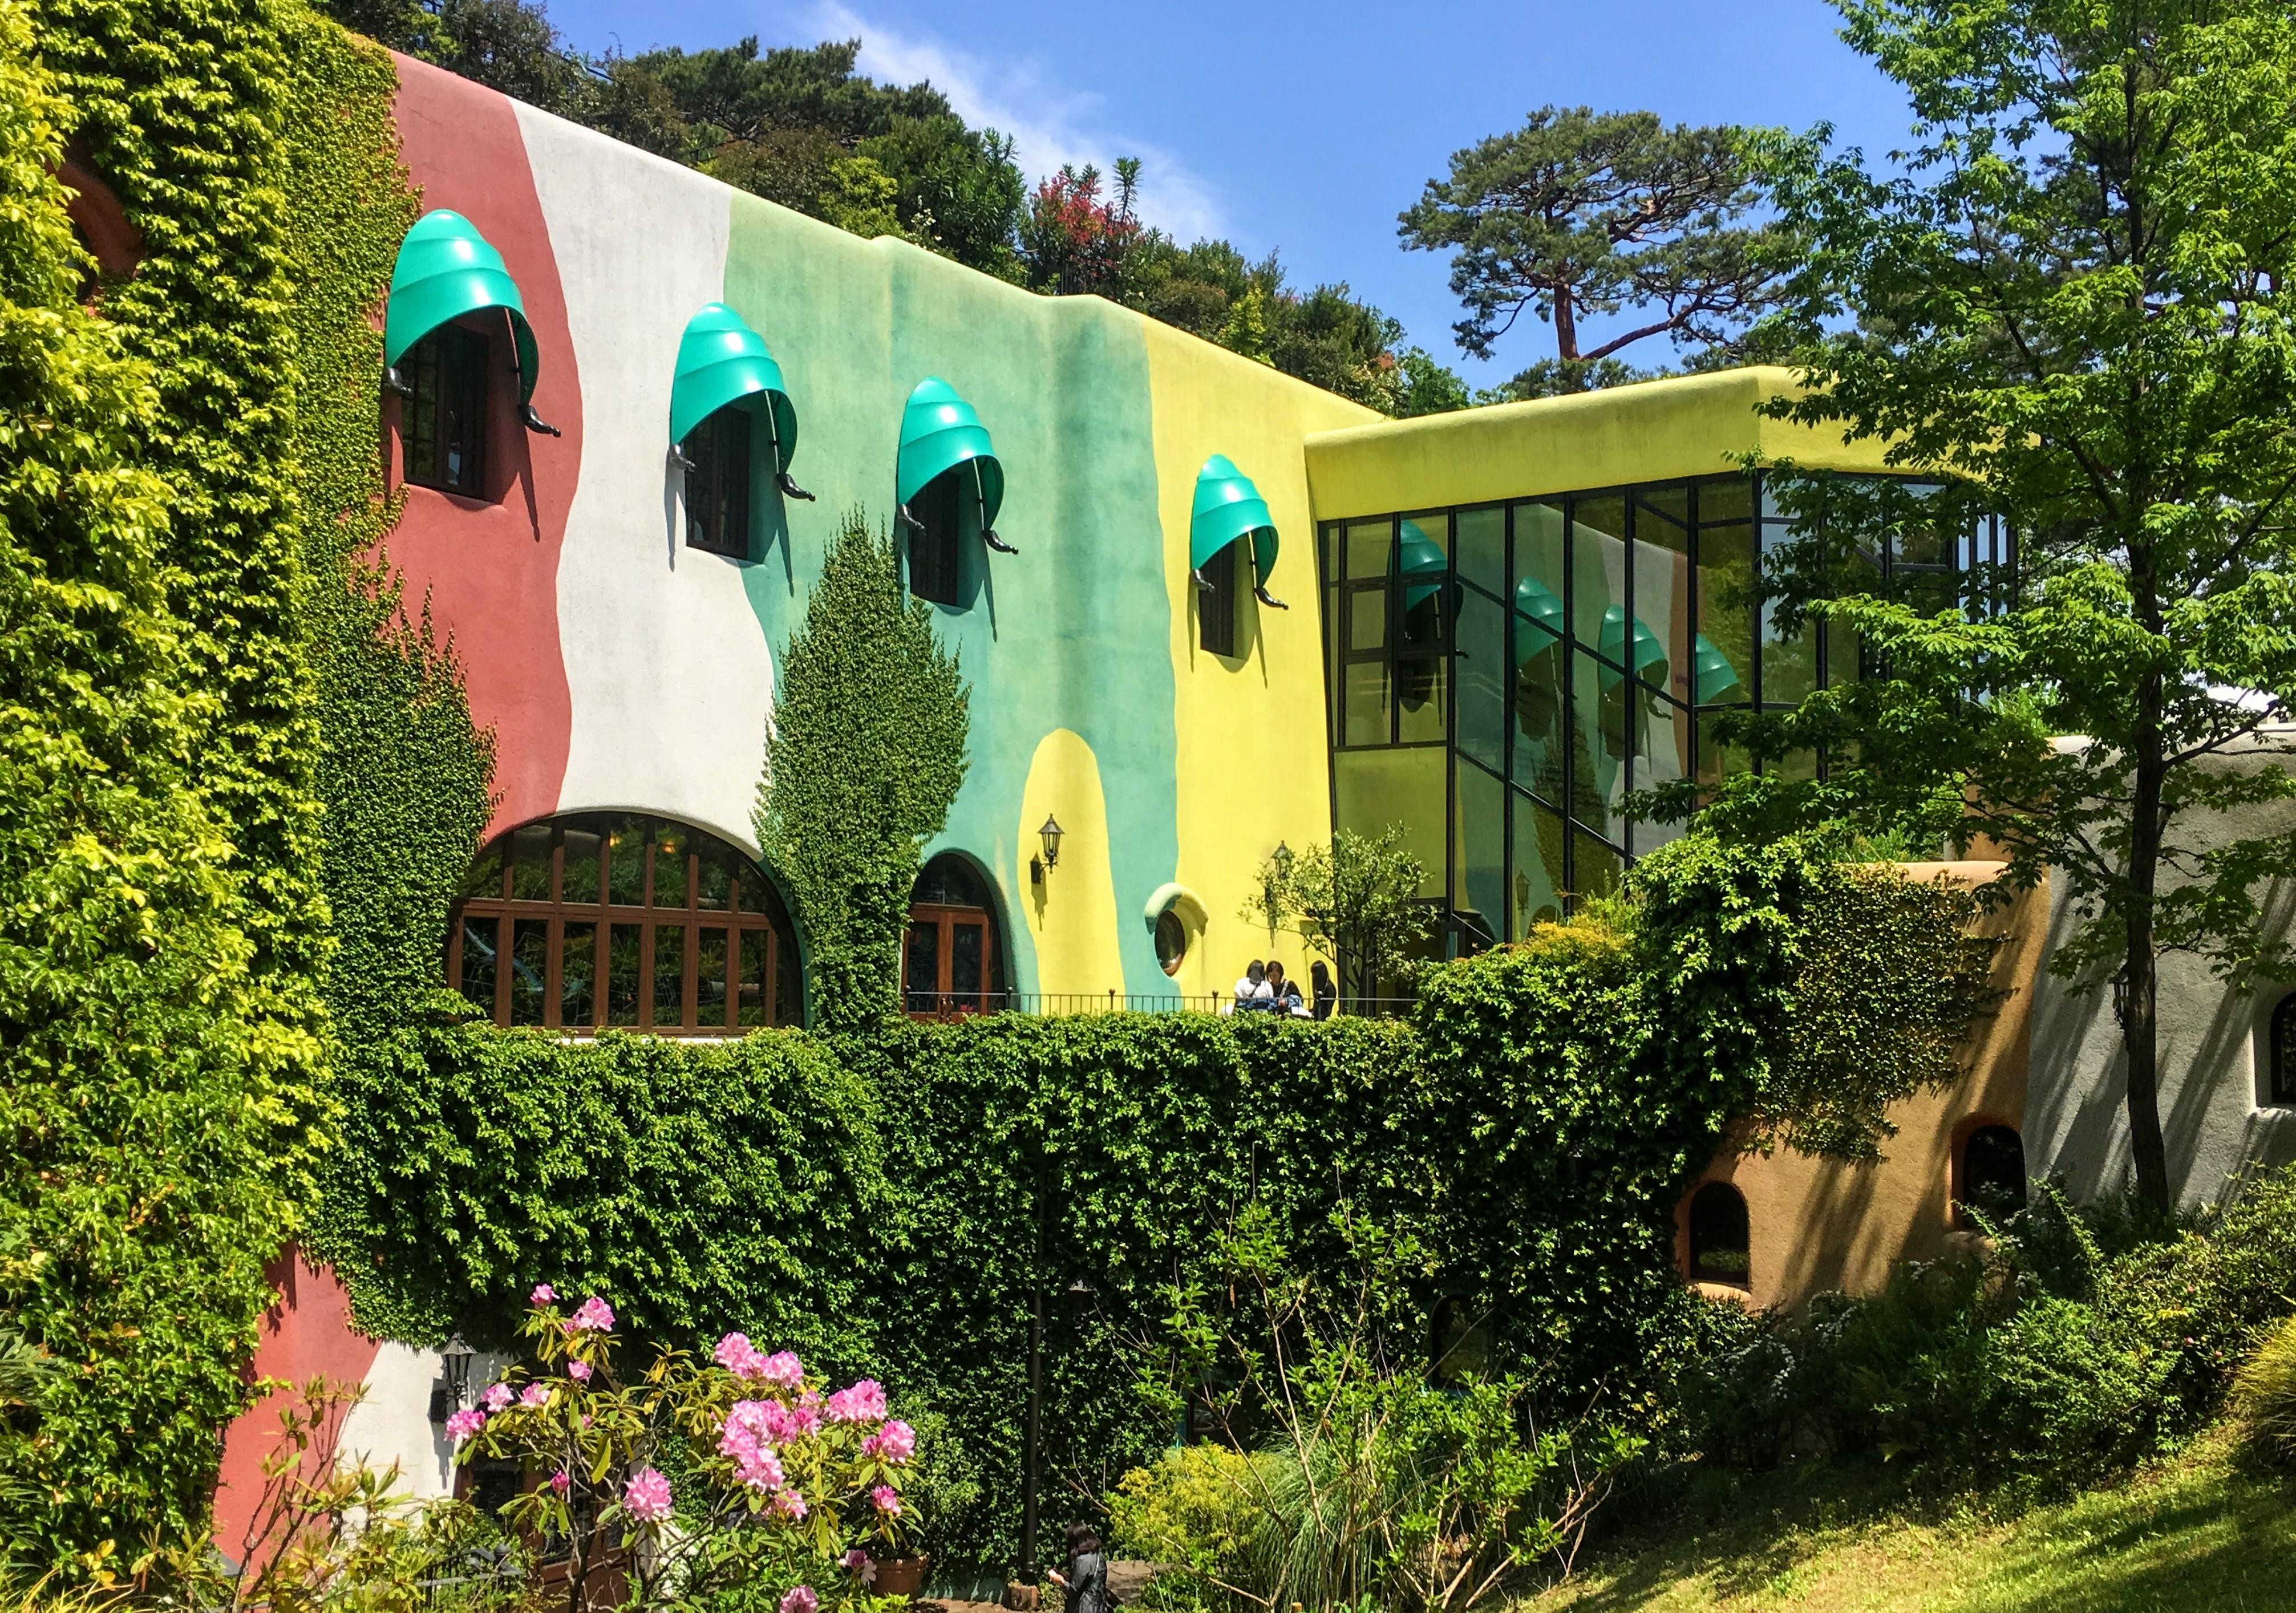 Studio Ghibli Museum >> Visiting The Studio Ghibli Museum In Mitaka Tokyo Japan